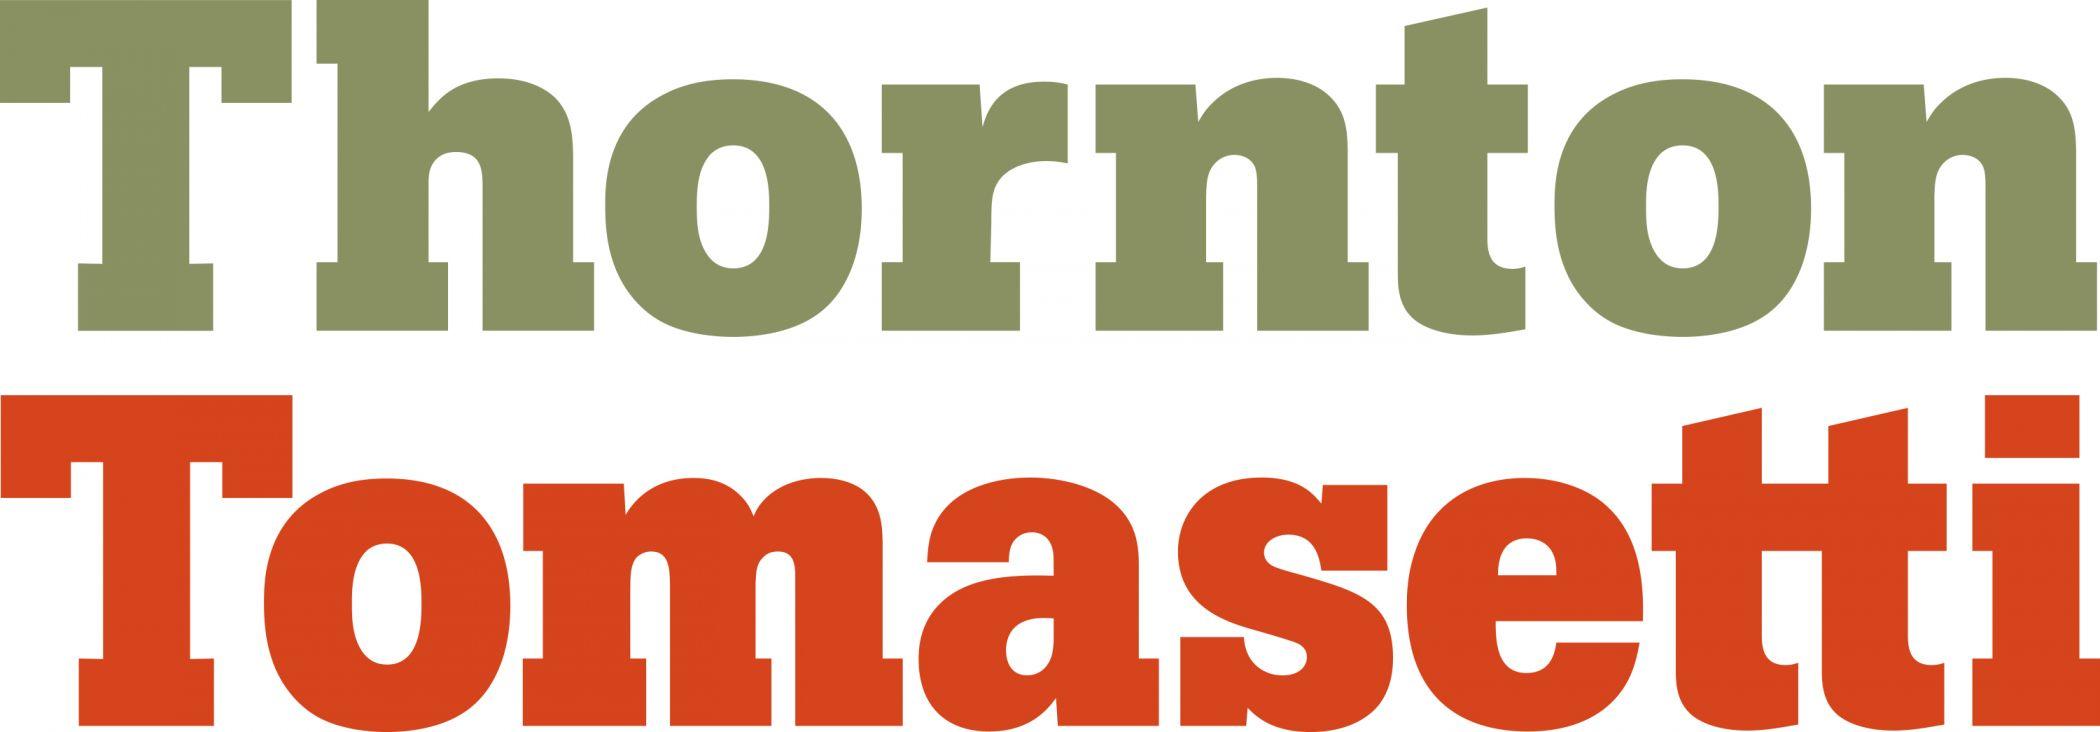 thornton_tomasetti_logo